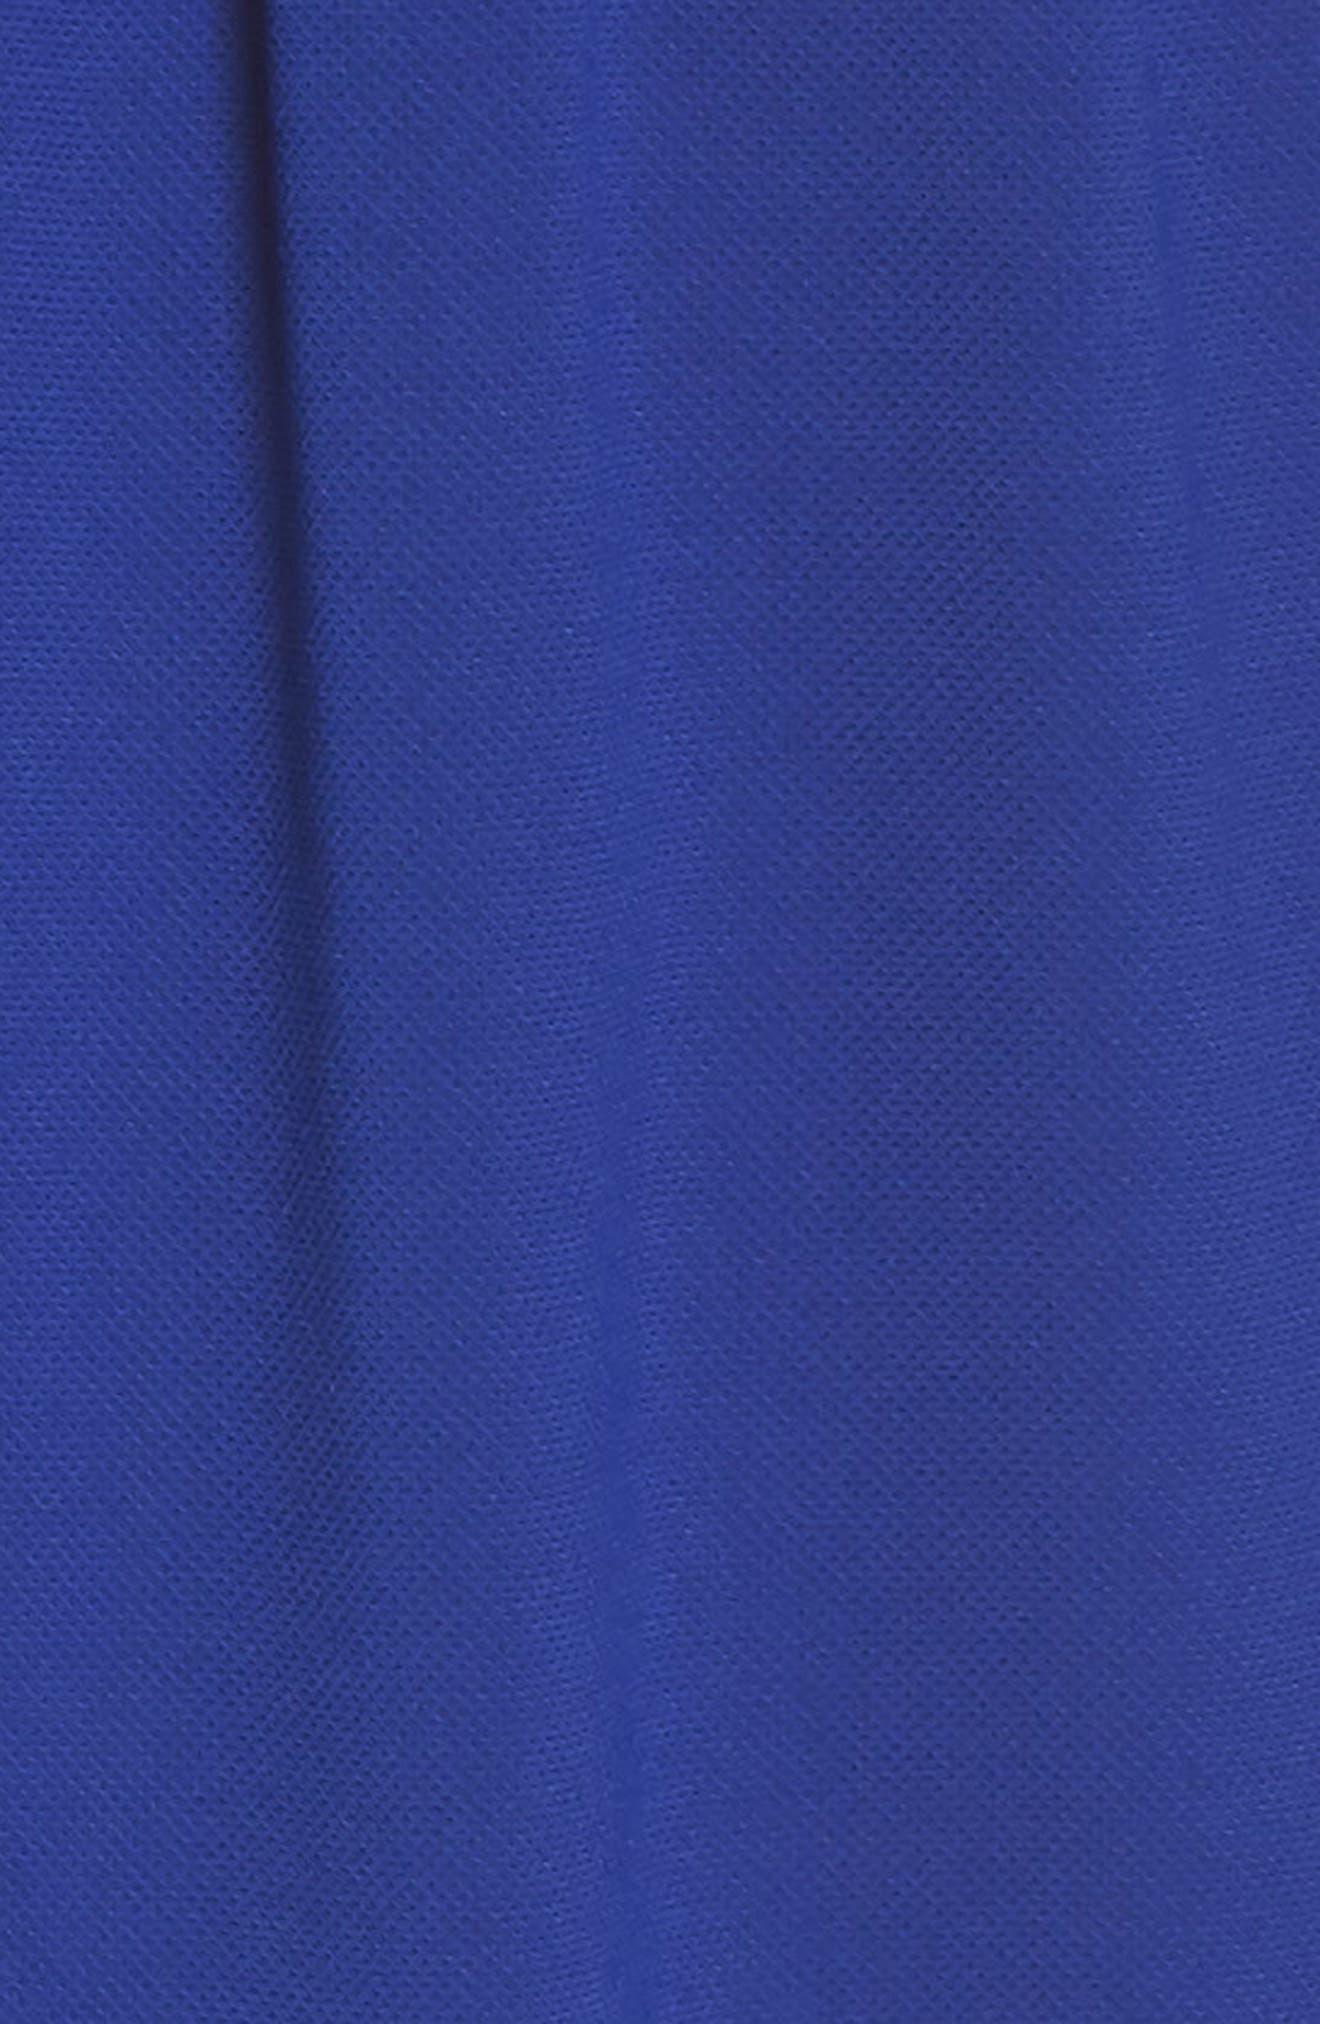 Crepe Blouson Maxi Dress,                             Alternate thumbnail 6, color,                             414